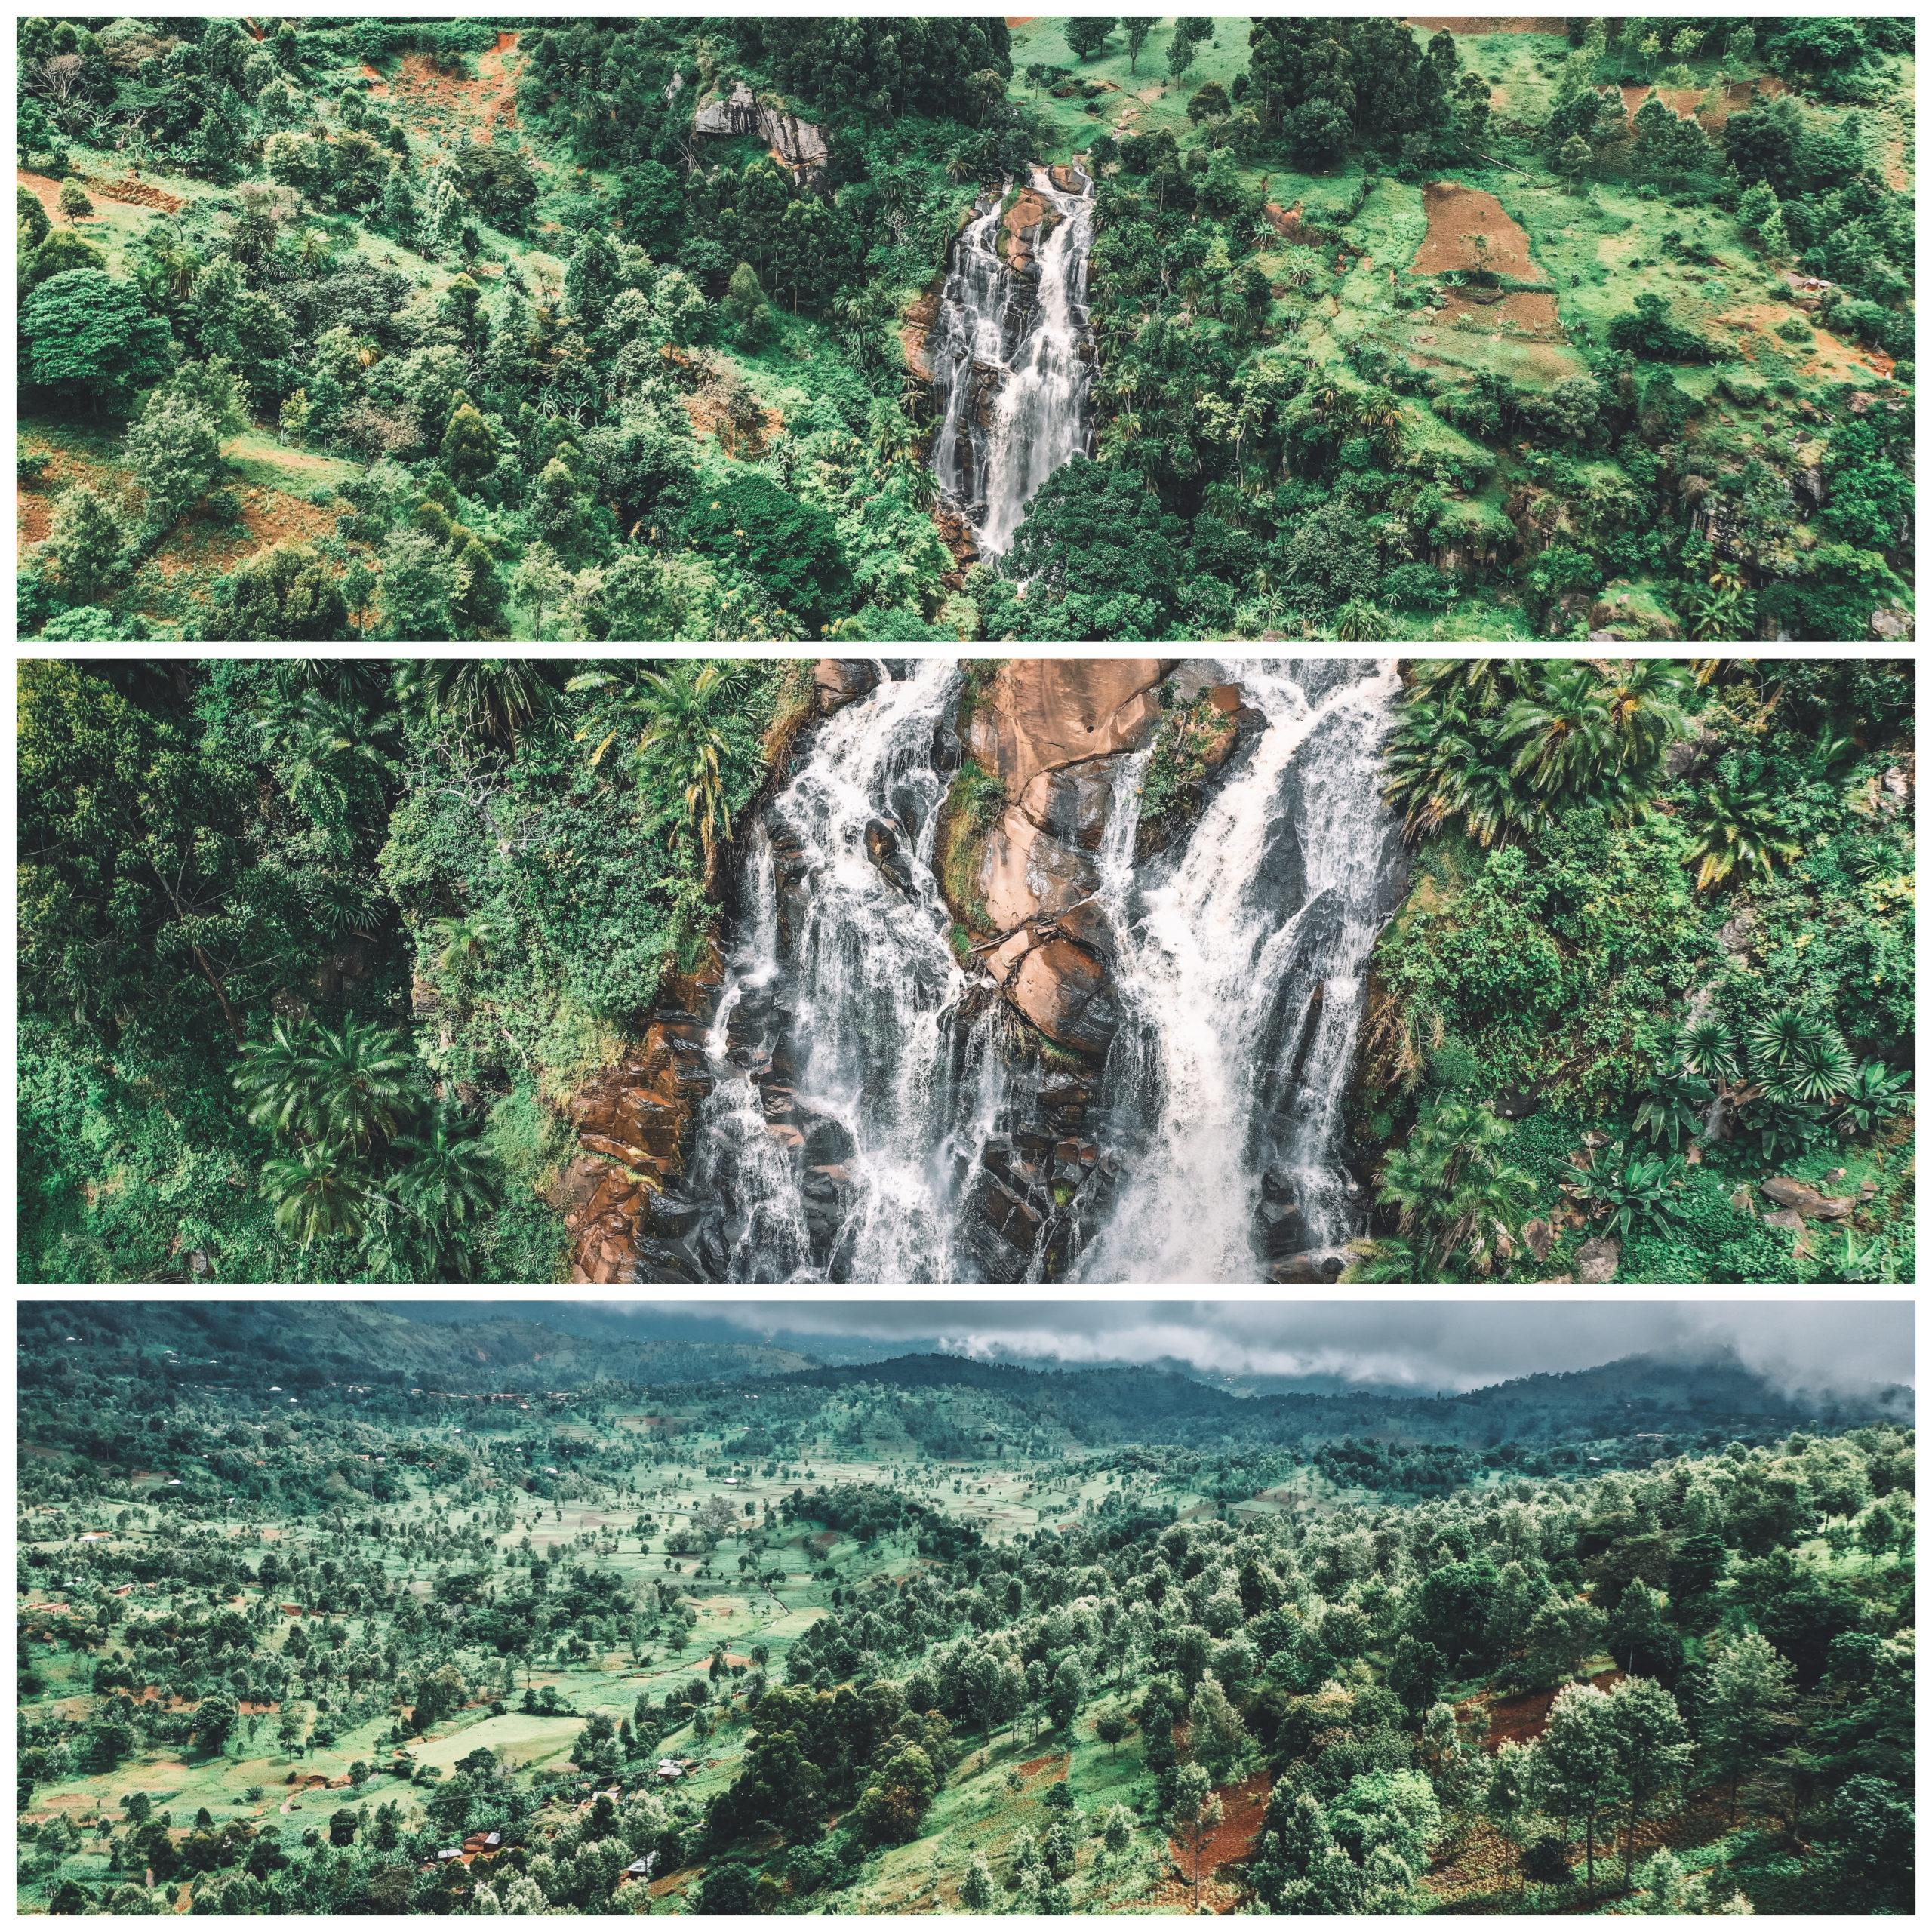 kisasa falls